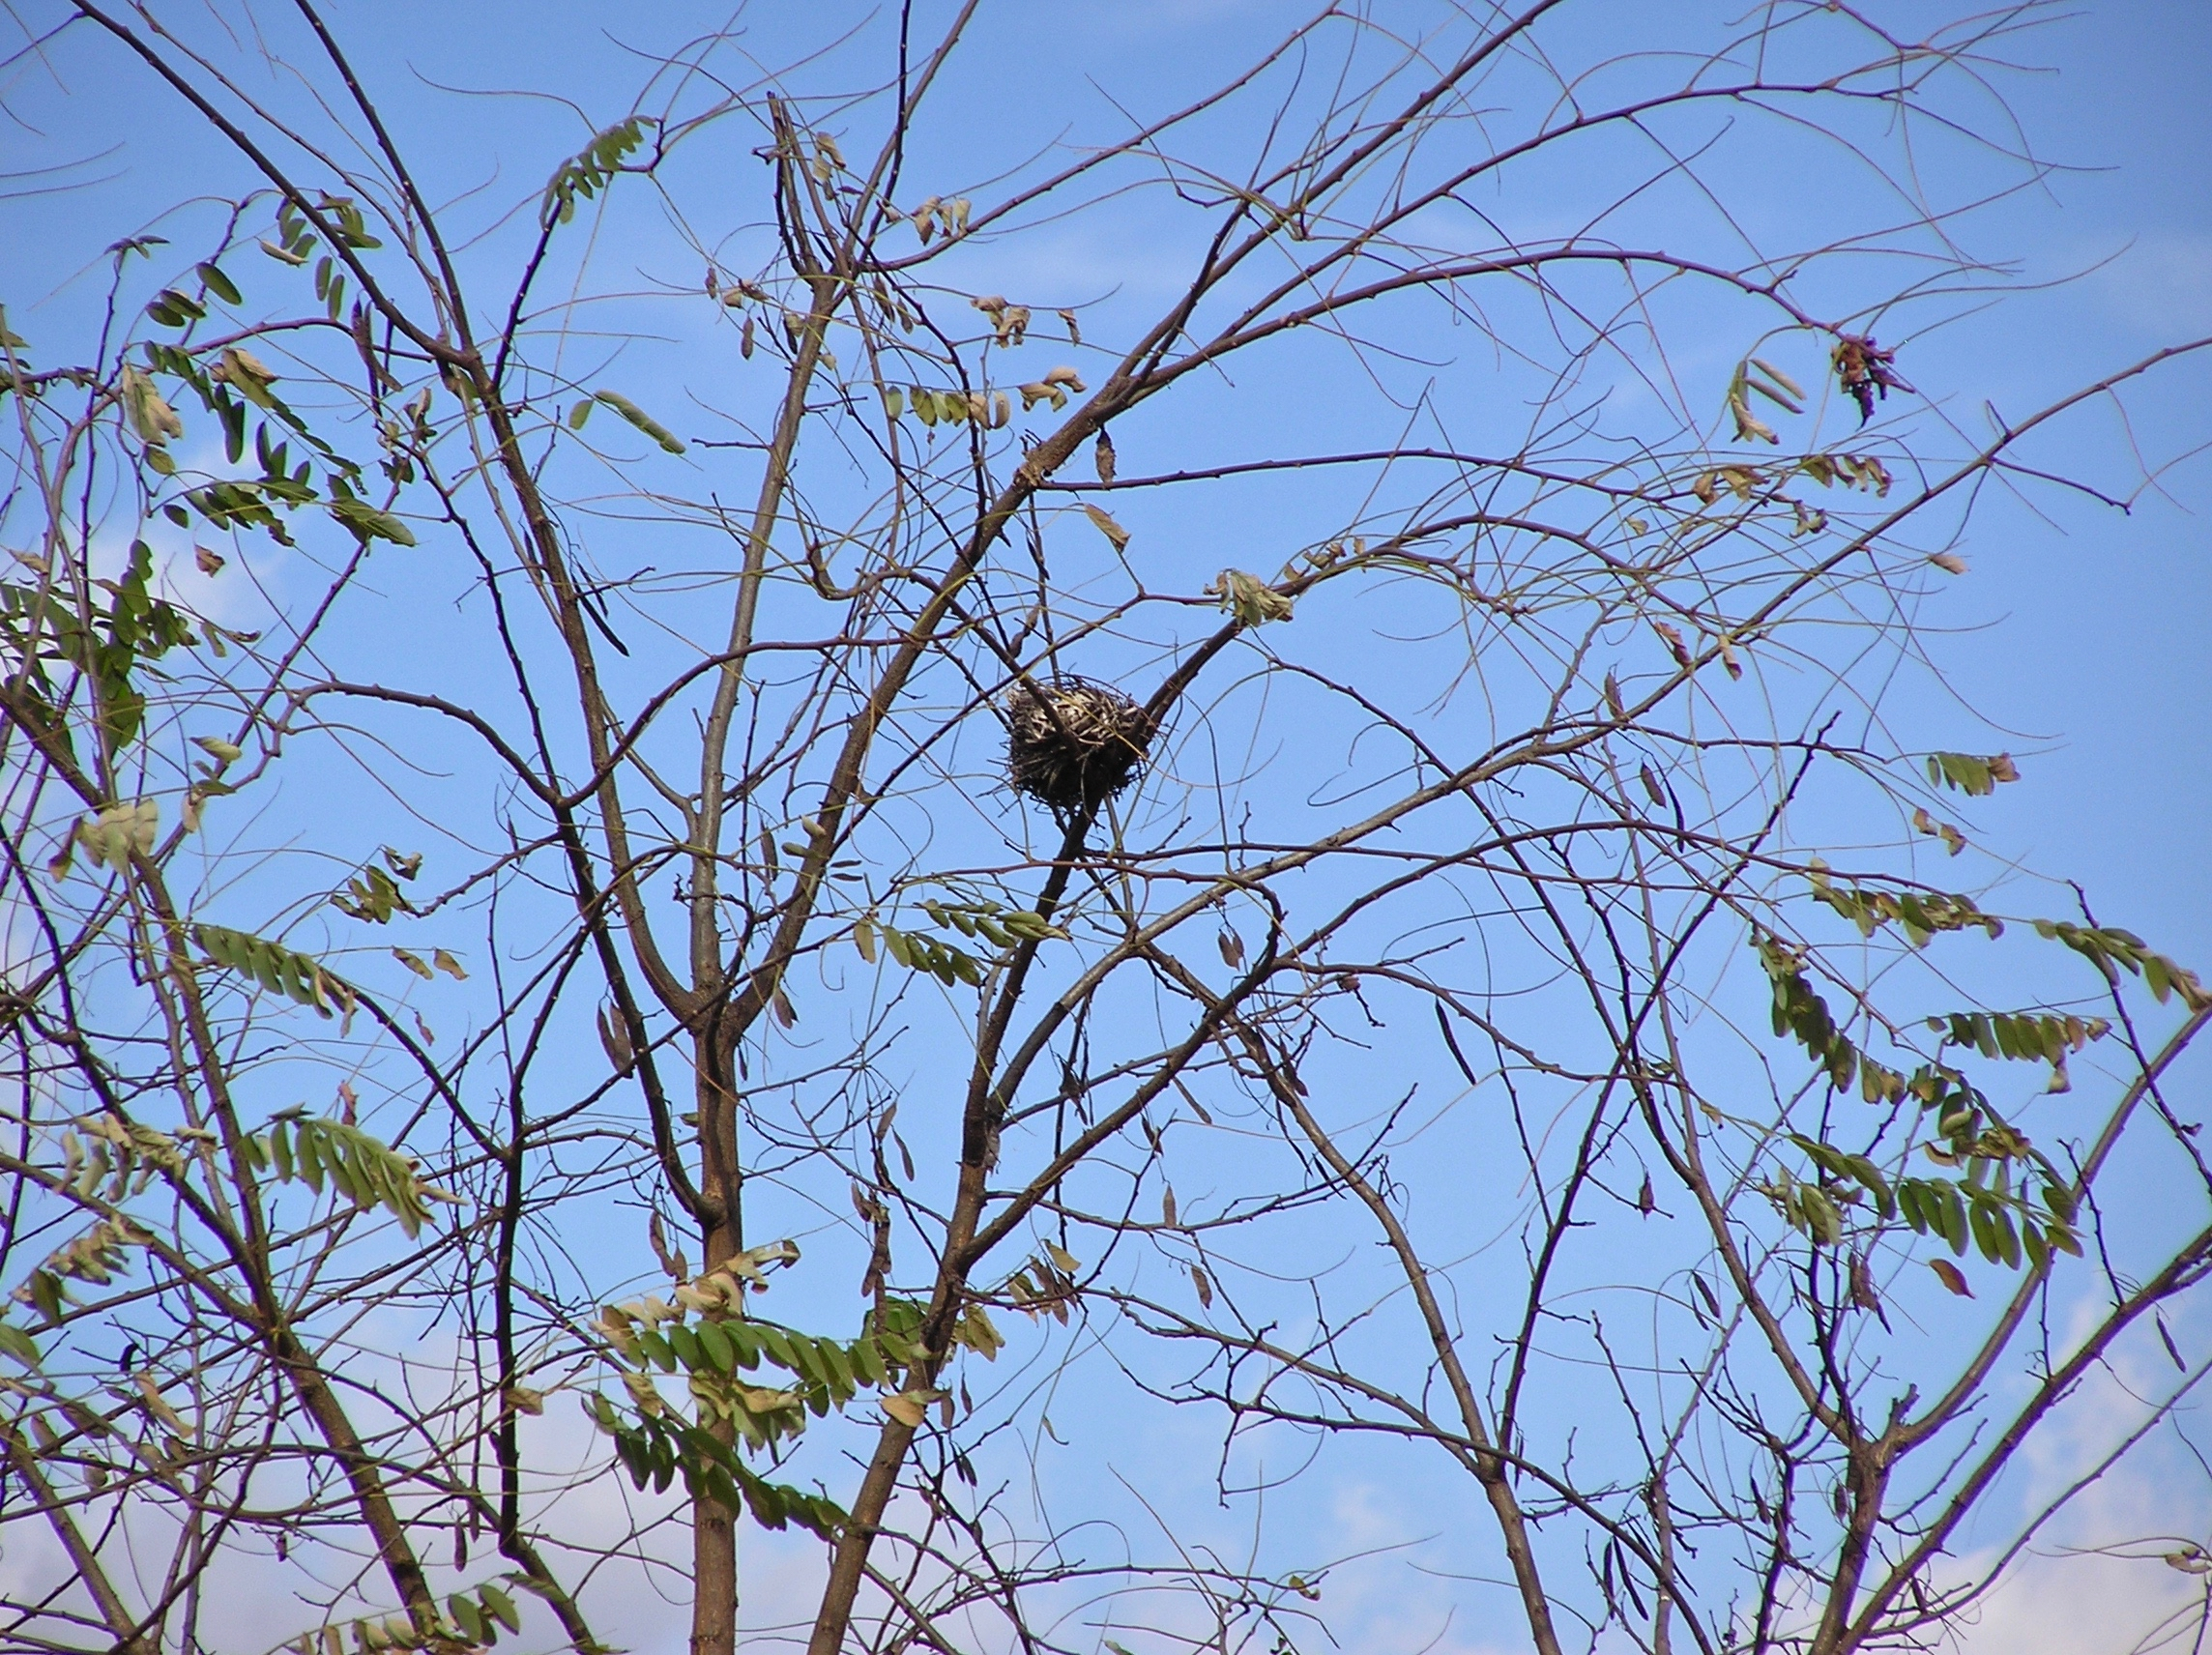 鳥の巣でした。